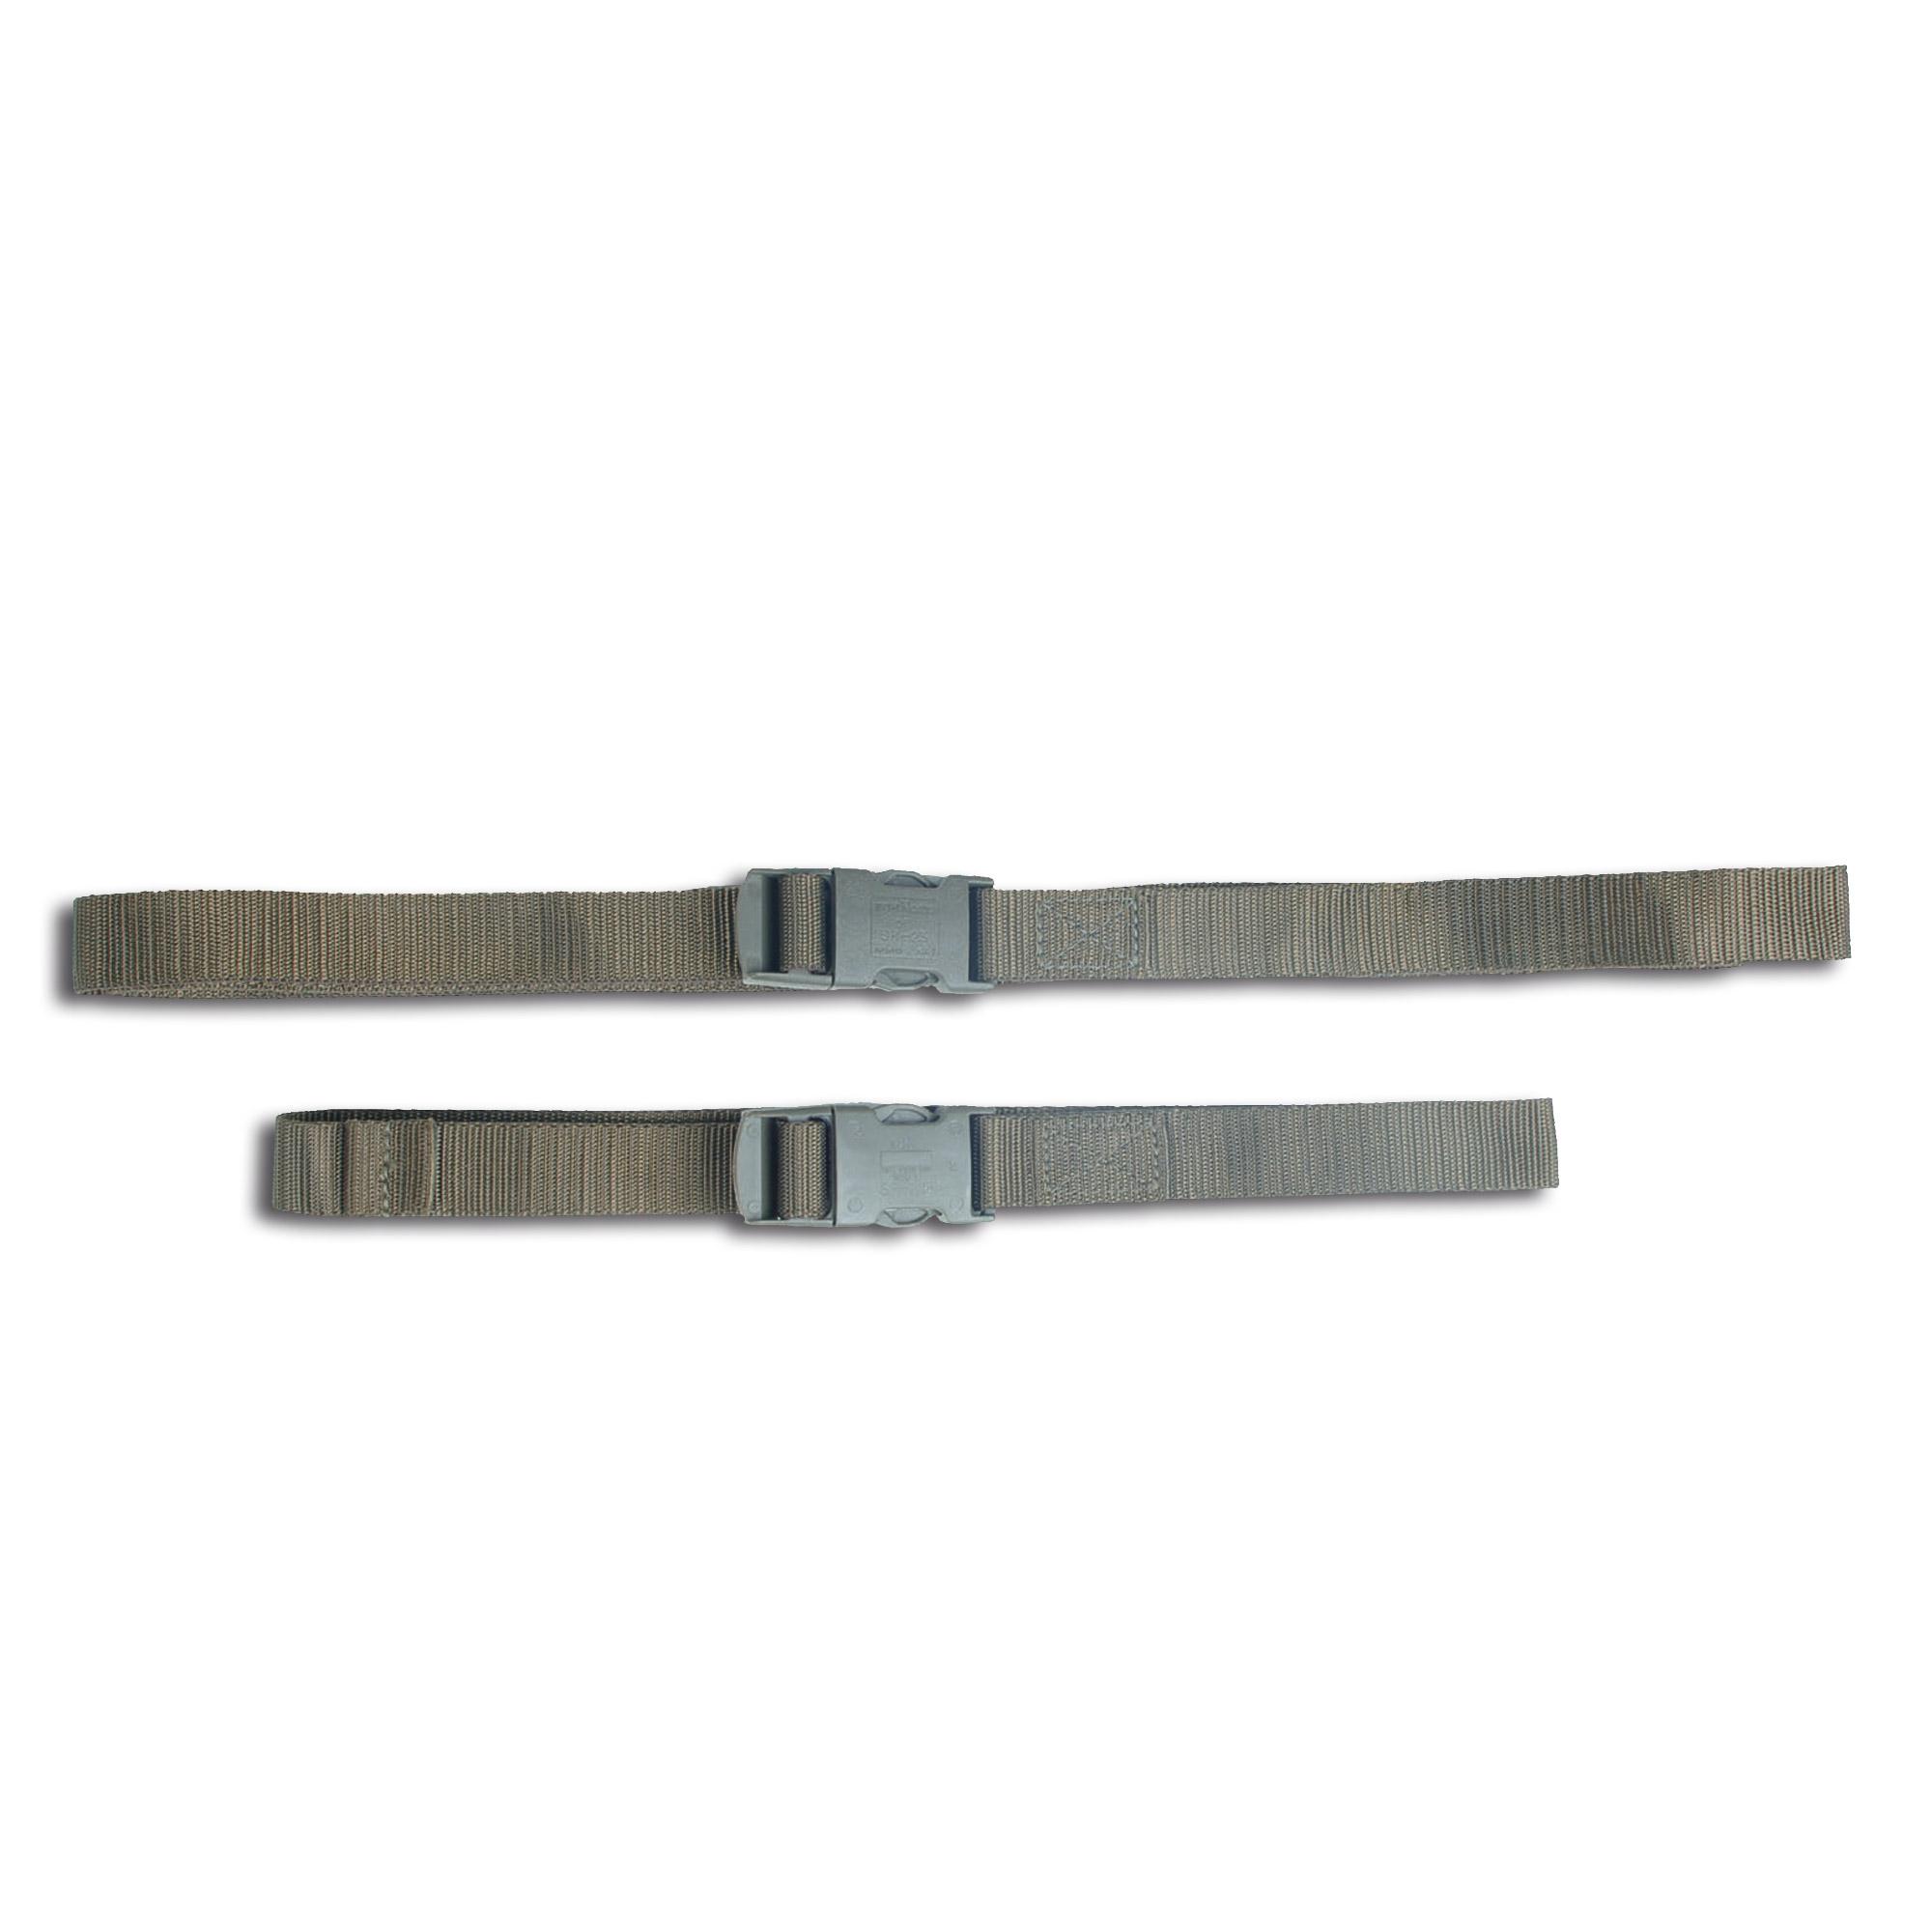 Nylon Strap with Clip Closure, 150 cm - olive